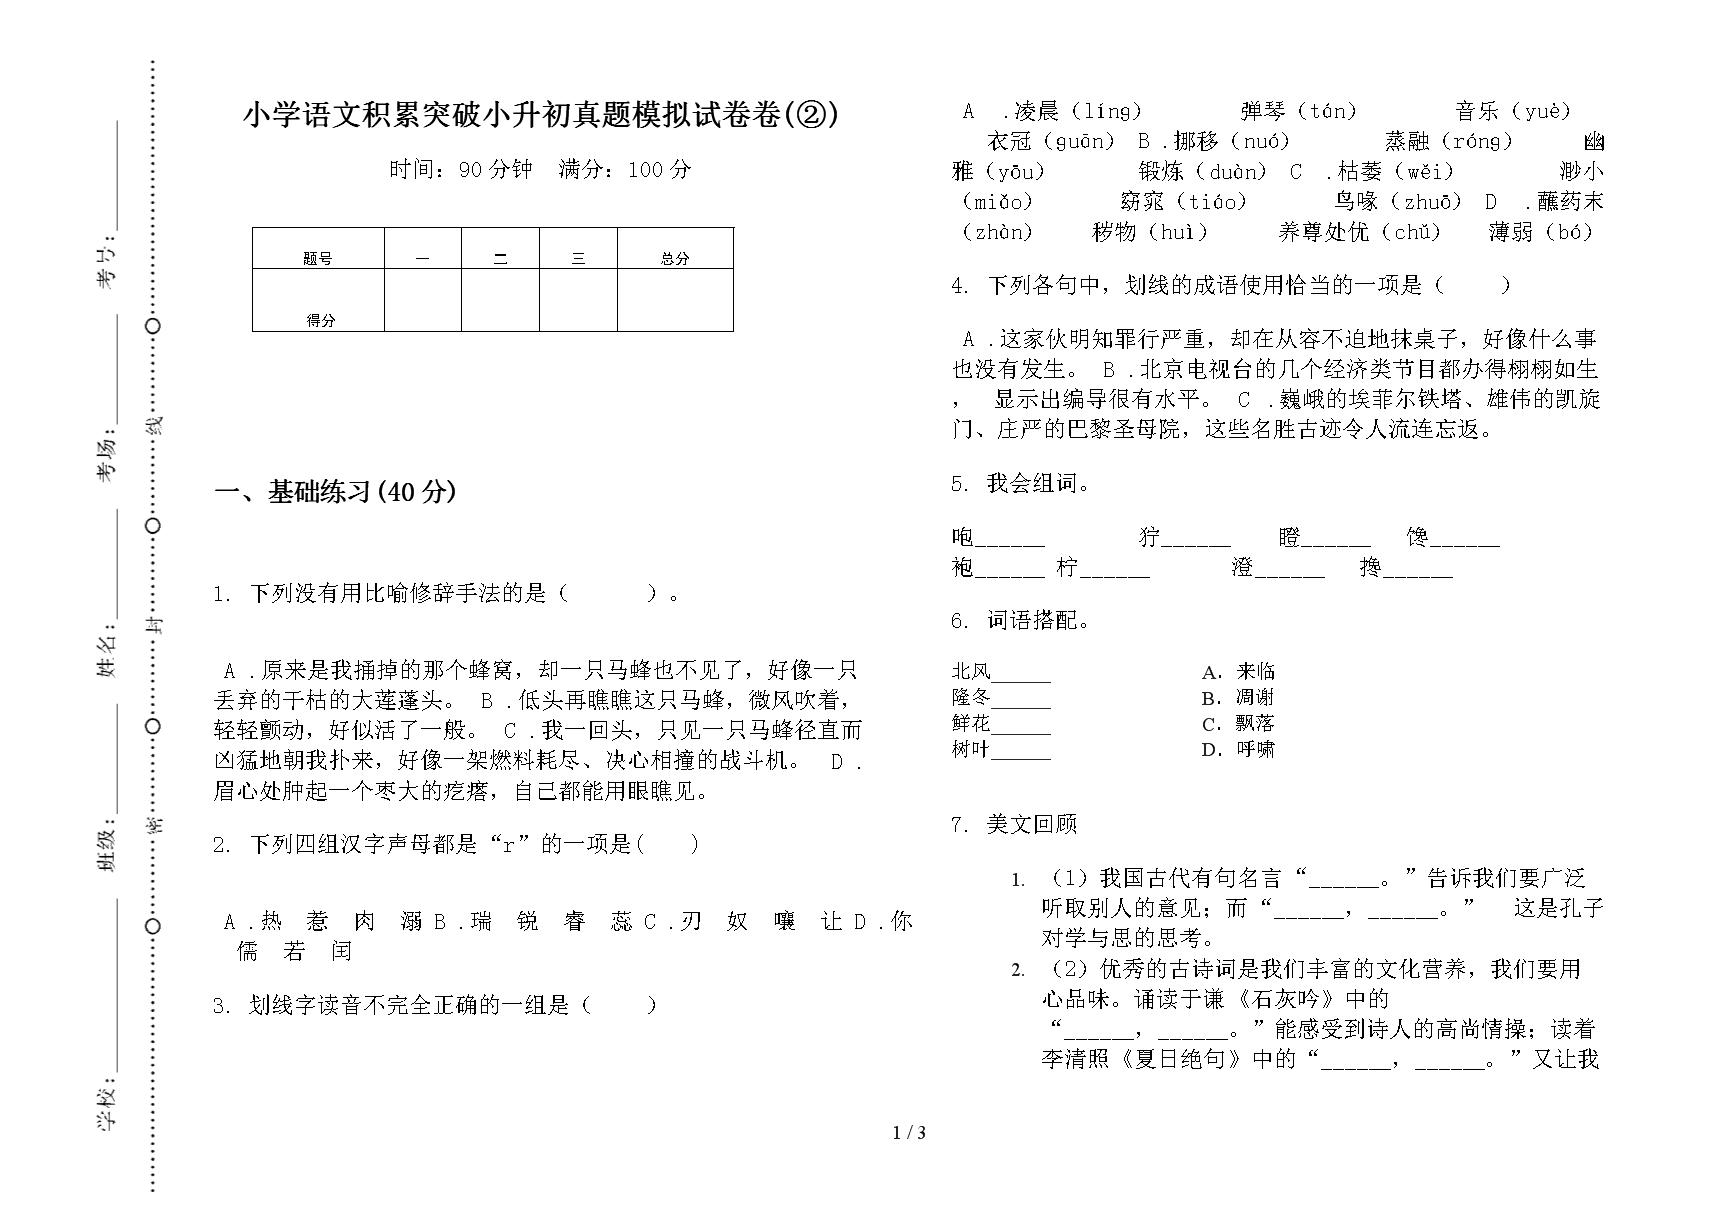 小学语文积累突破小升初真题模拟试卷卷(②).docx